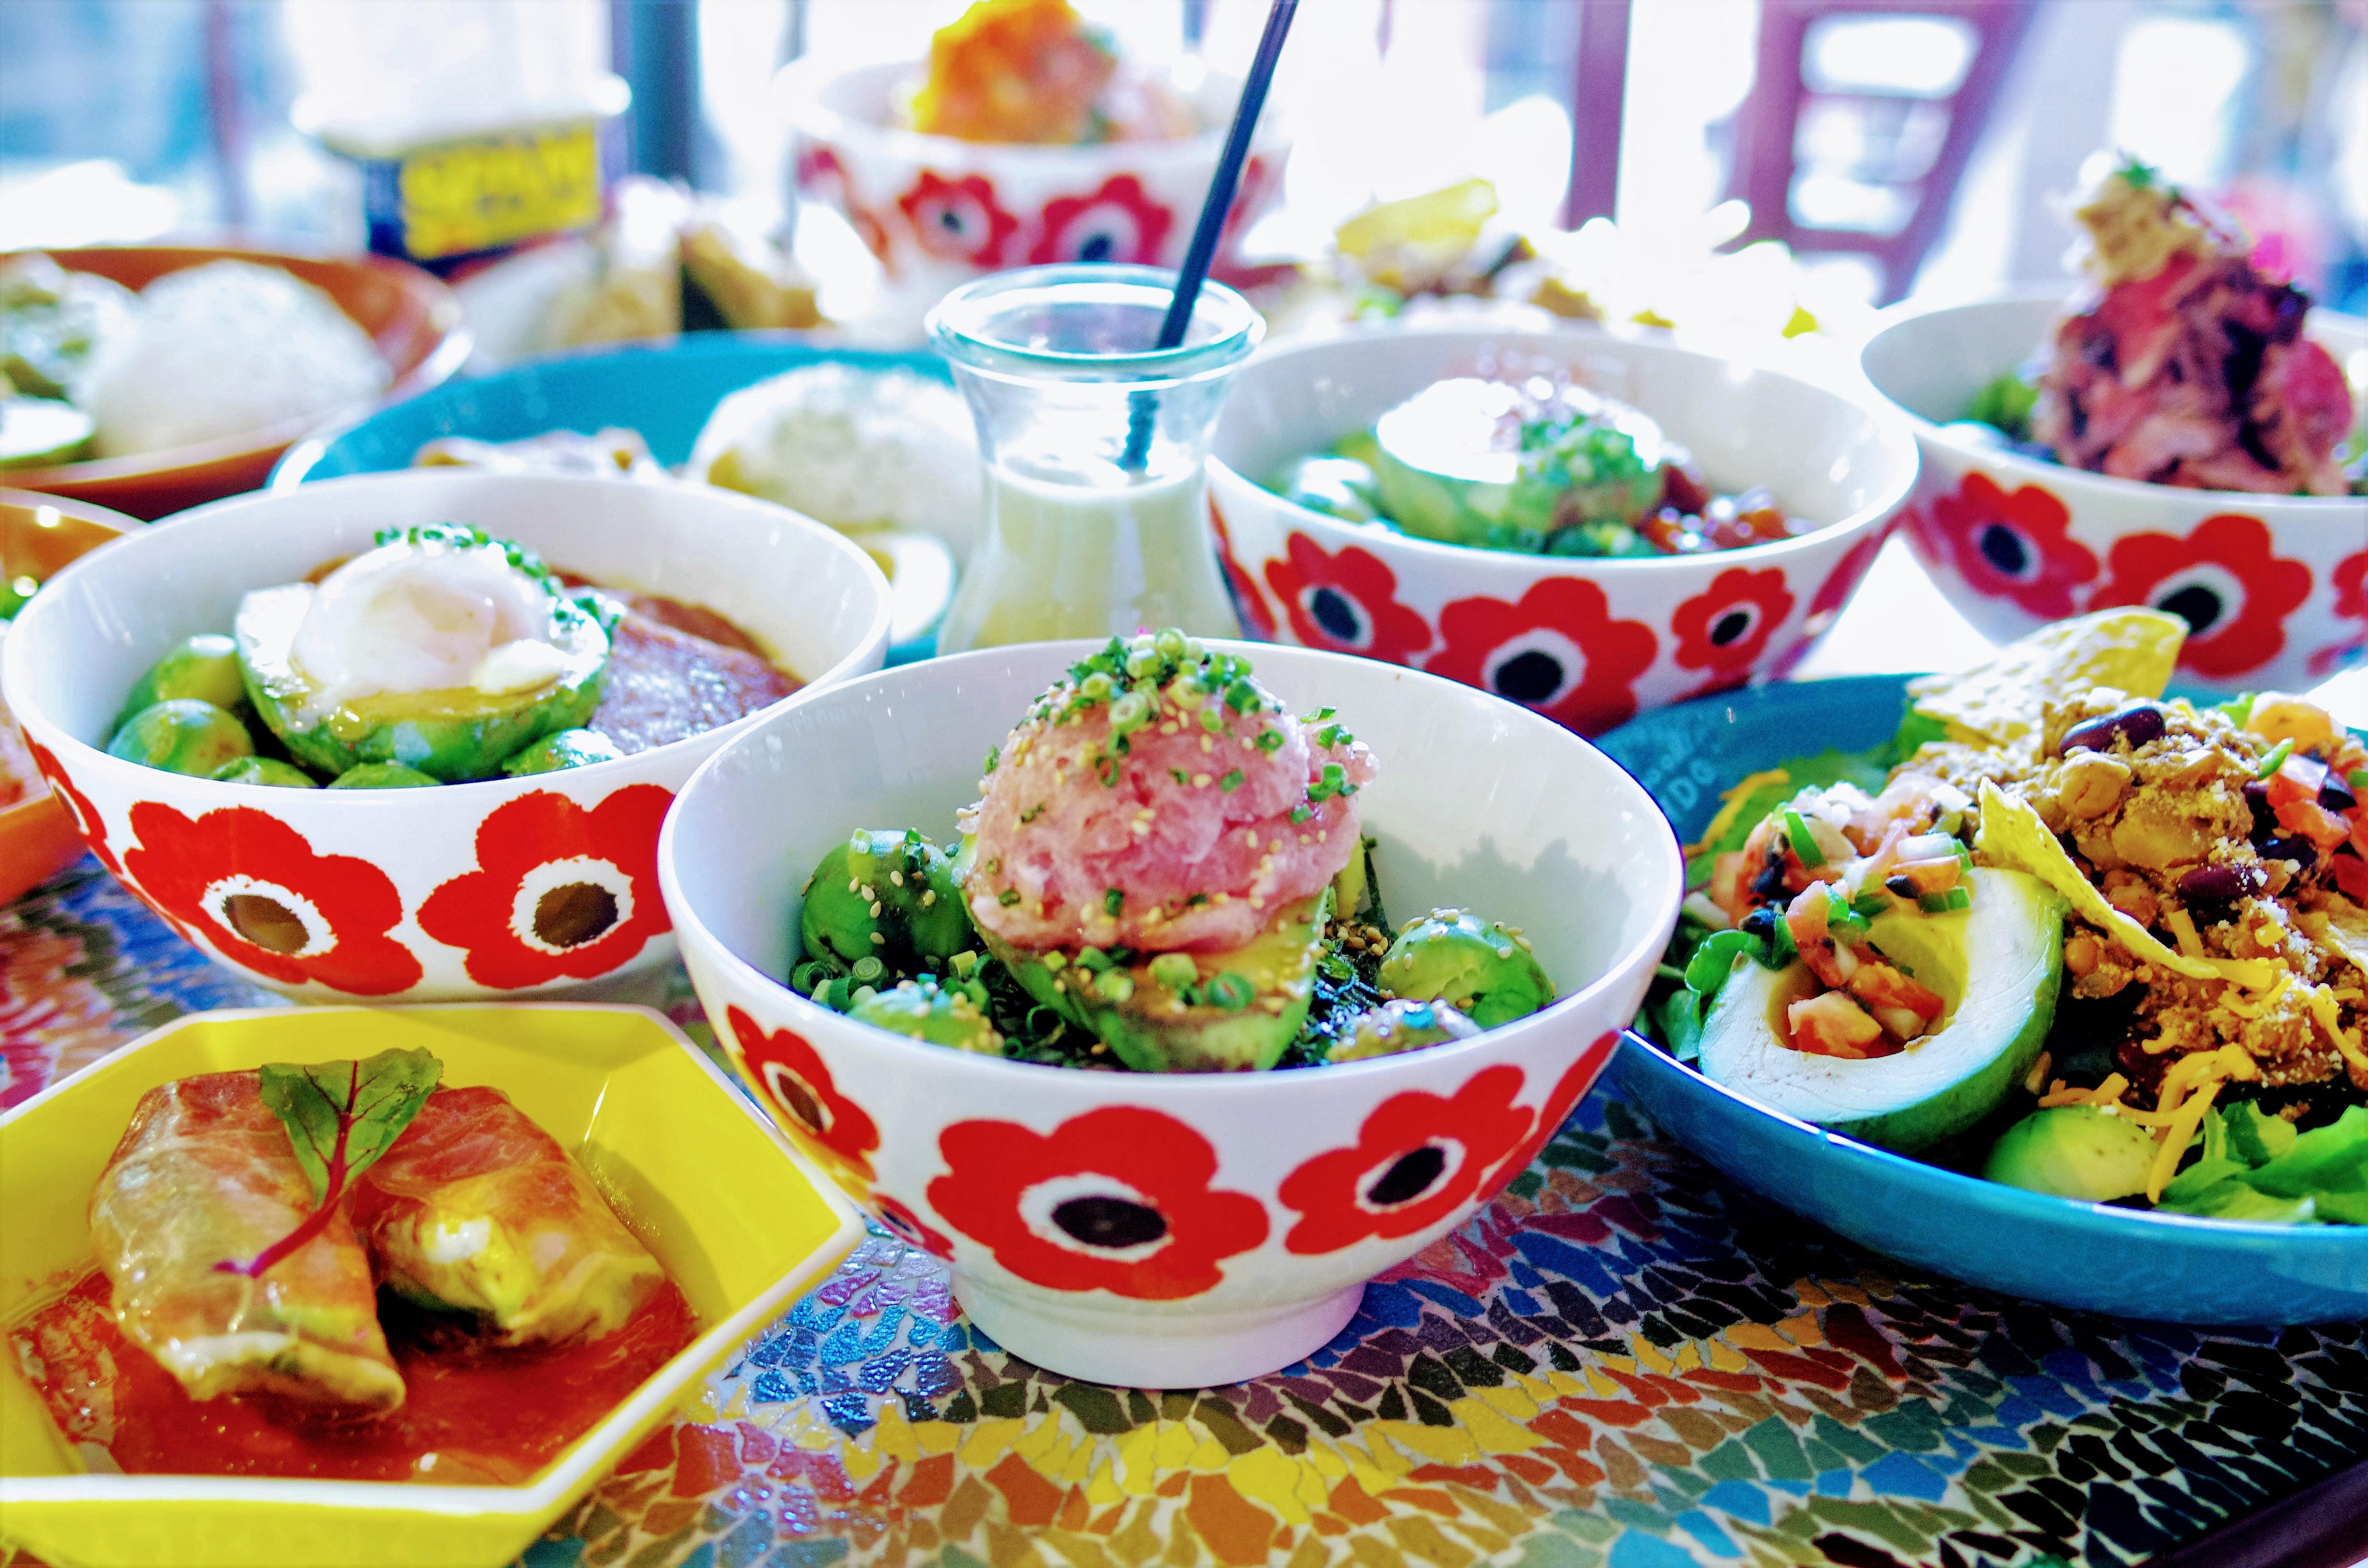 マドッシュカフェの人気アボカ丼メニュー達です。